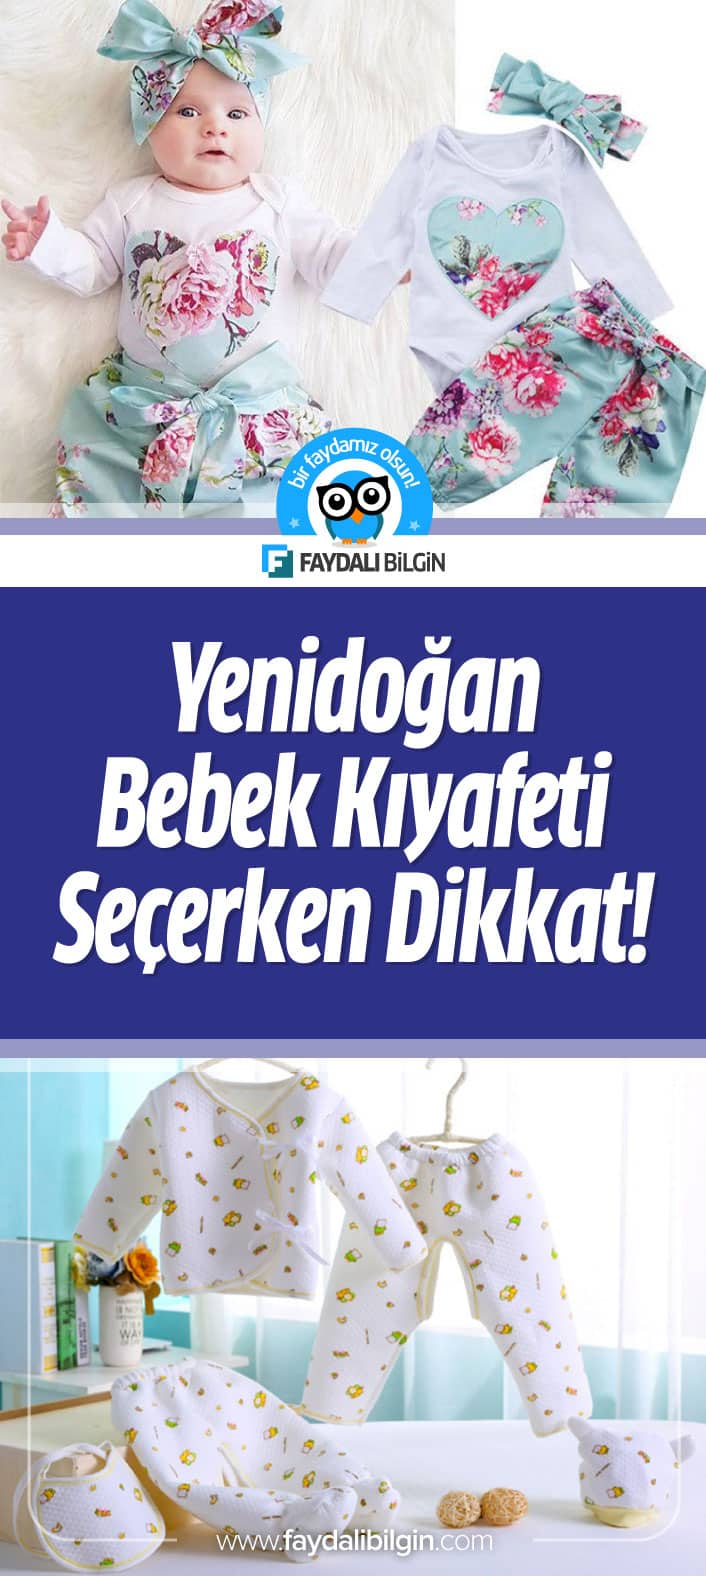 Yenidoğan bebek kıyafeti seçerken dikkat edilmesi gereken noktalar neler? Yenidoğan bebekler için Yazlık ve kışlık kıyafet seçimleri nasıl olmalı? #bebek #yenidoğan #yenidoğanbebek #kıyafet #elbise #pamuklu #beyaz #şapka #zıbın #moda